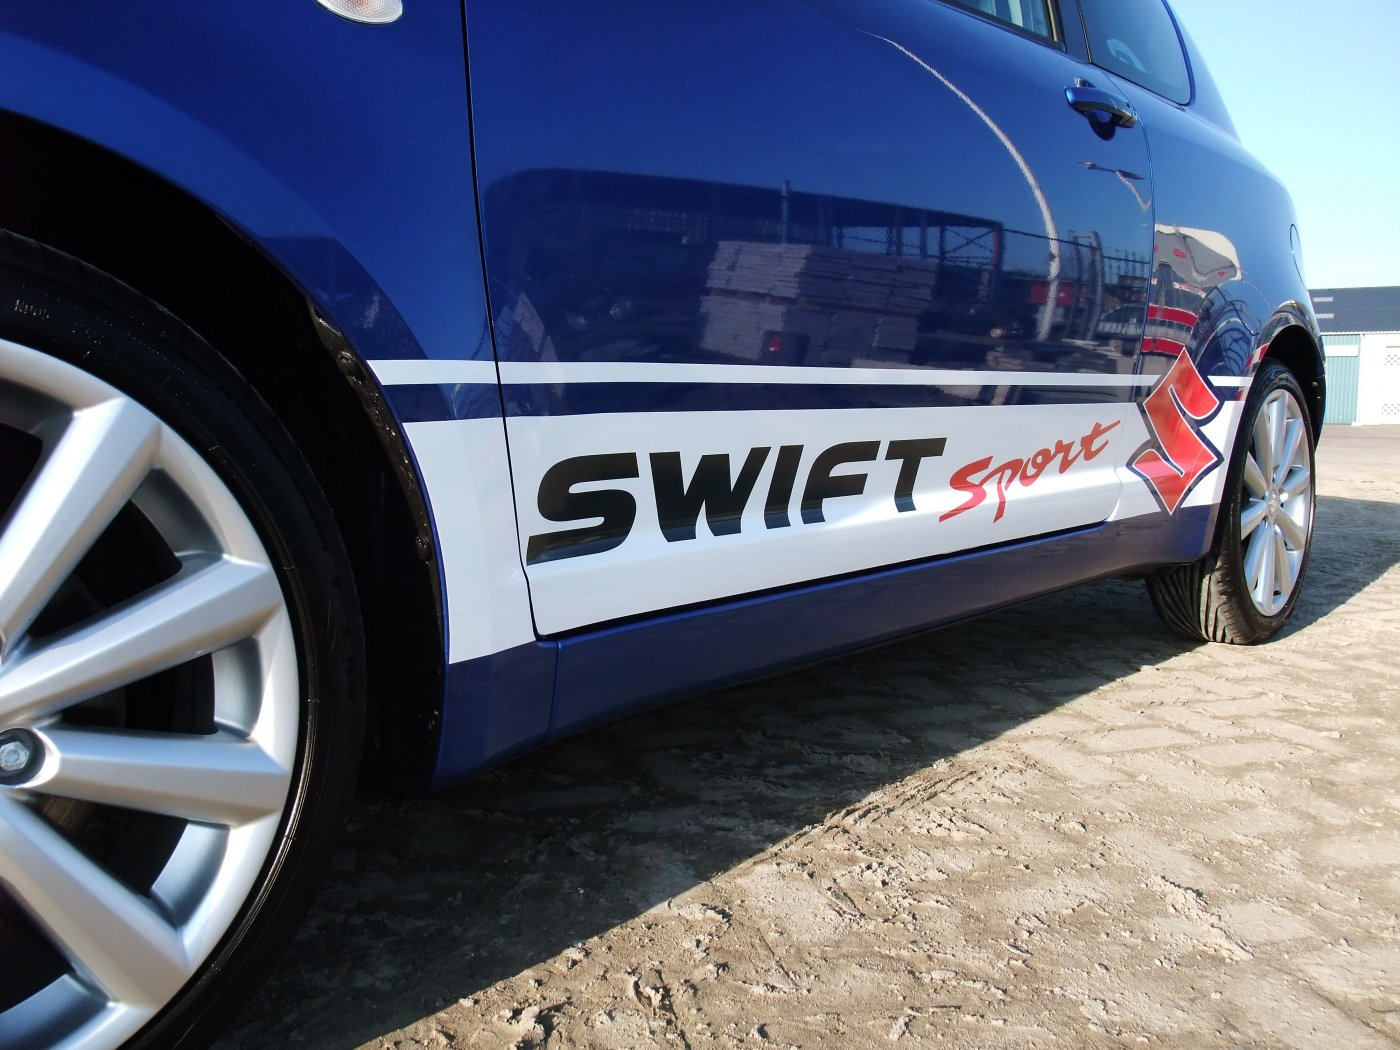 Swift Sport striping